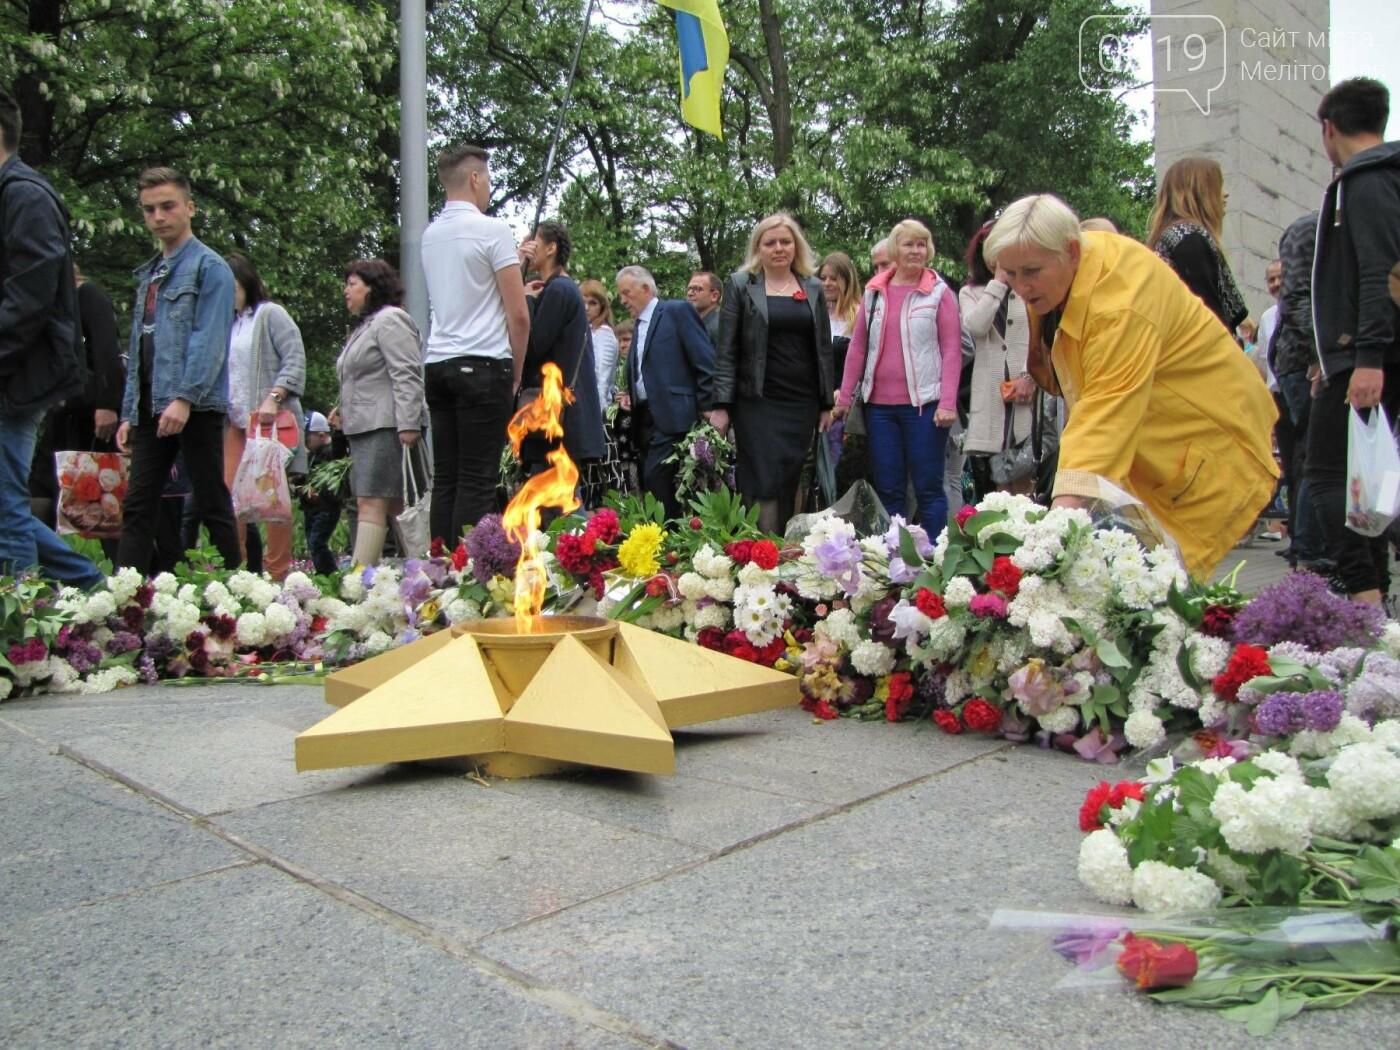 Мелитополь празднует День Победы - не обошлось без провокаторов, фото-5